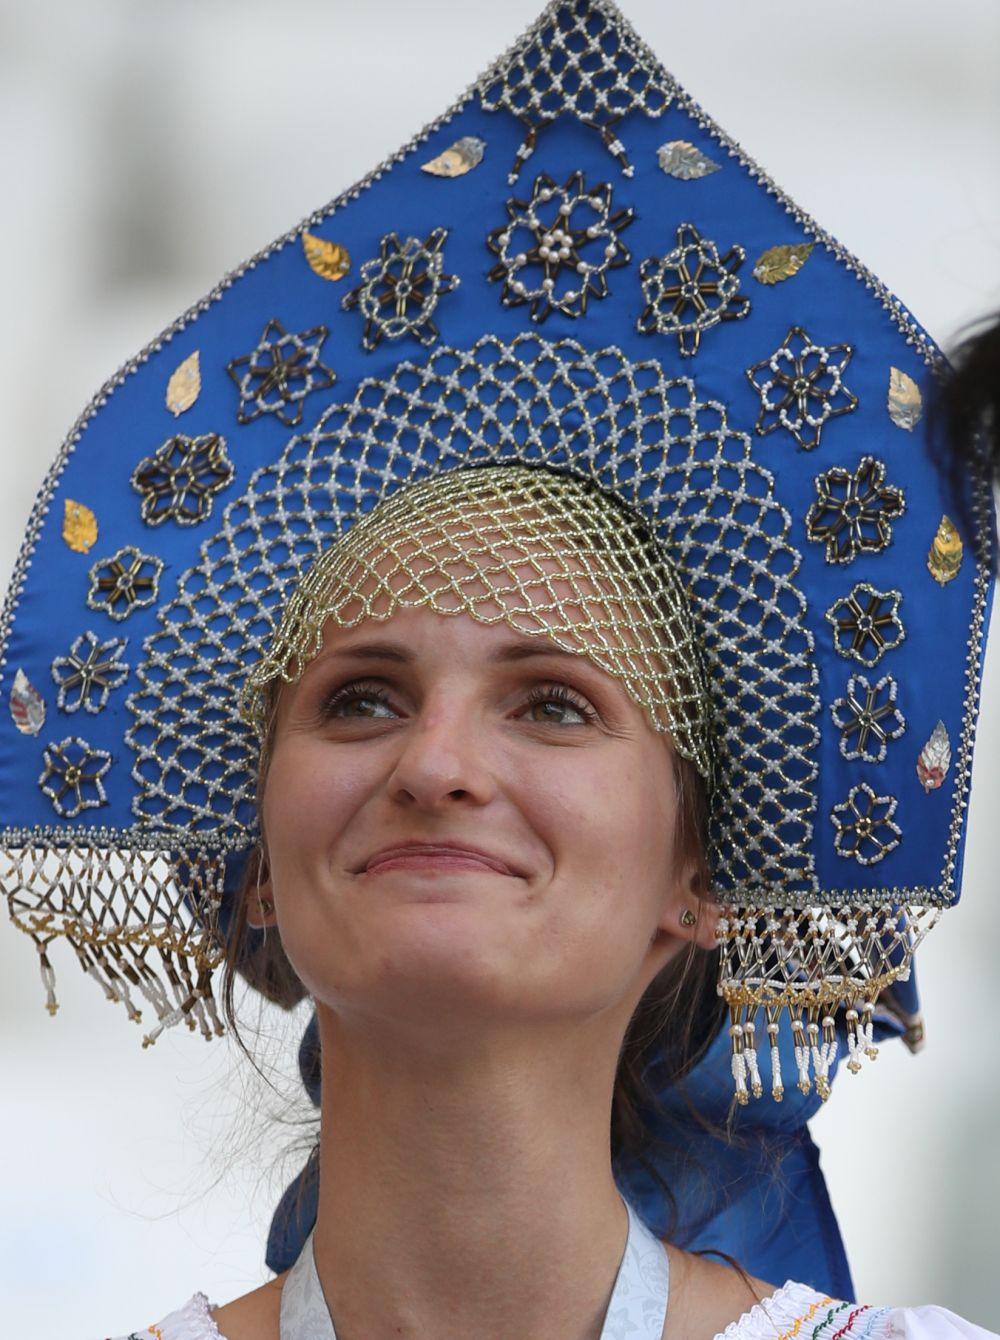 Классика жанра - красавица в кокошнике. Польская болельщица облачилась в национальный костюм.